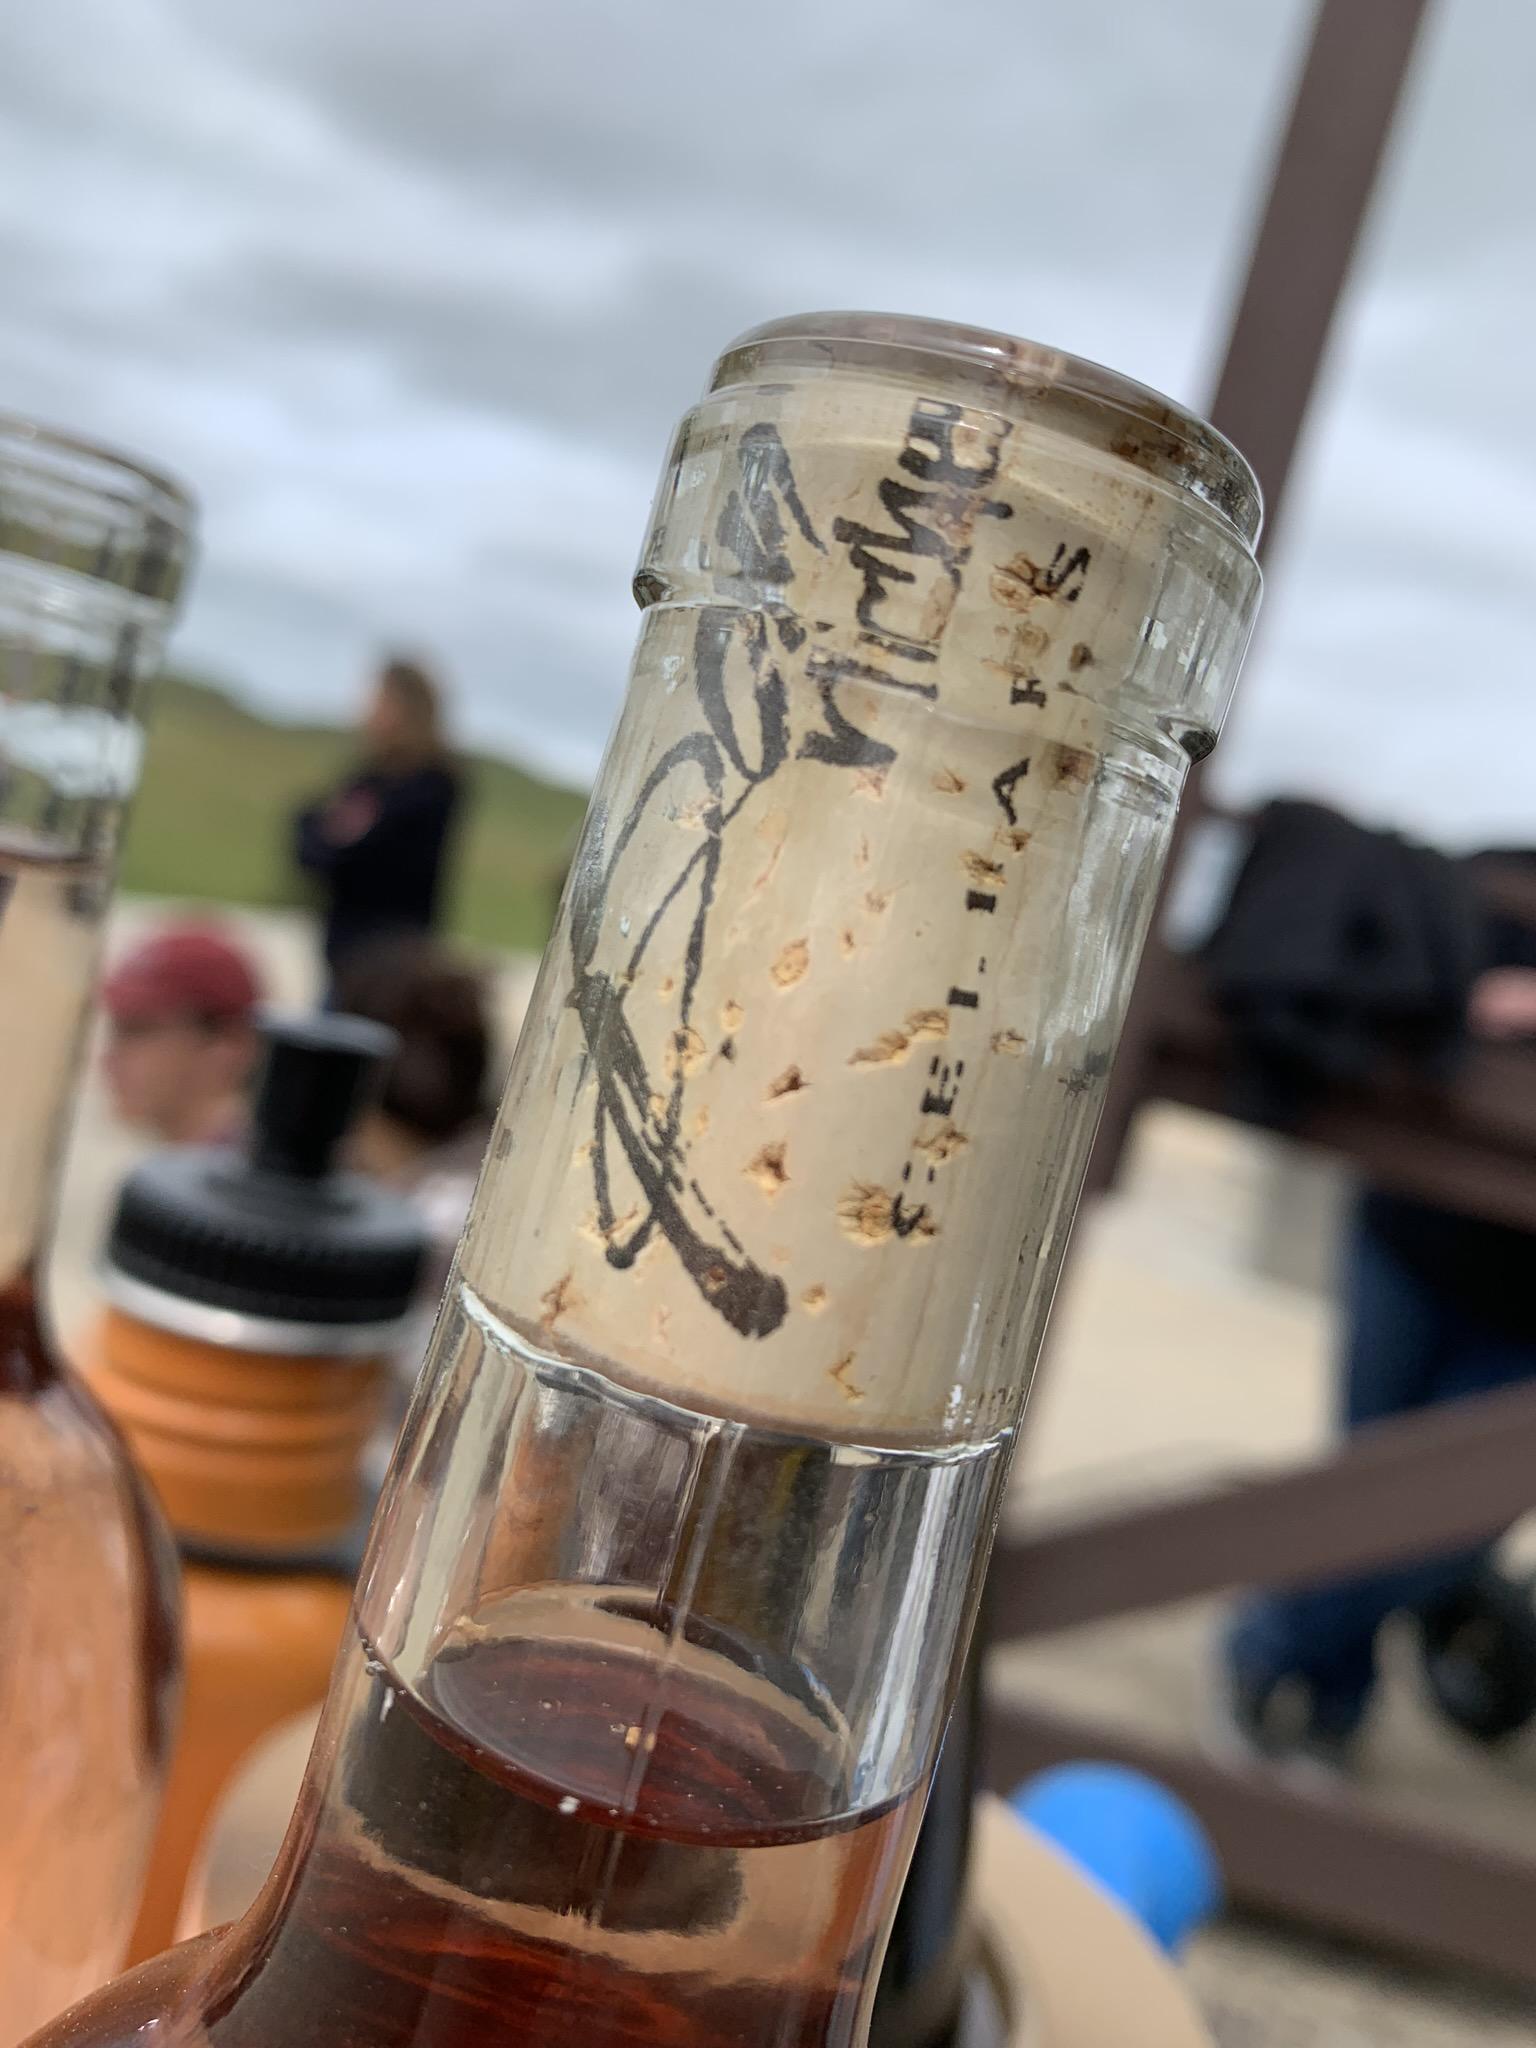 Rosè Release Party bottle